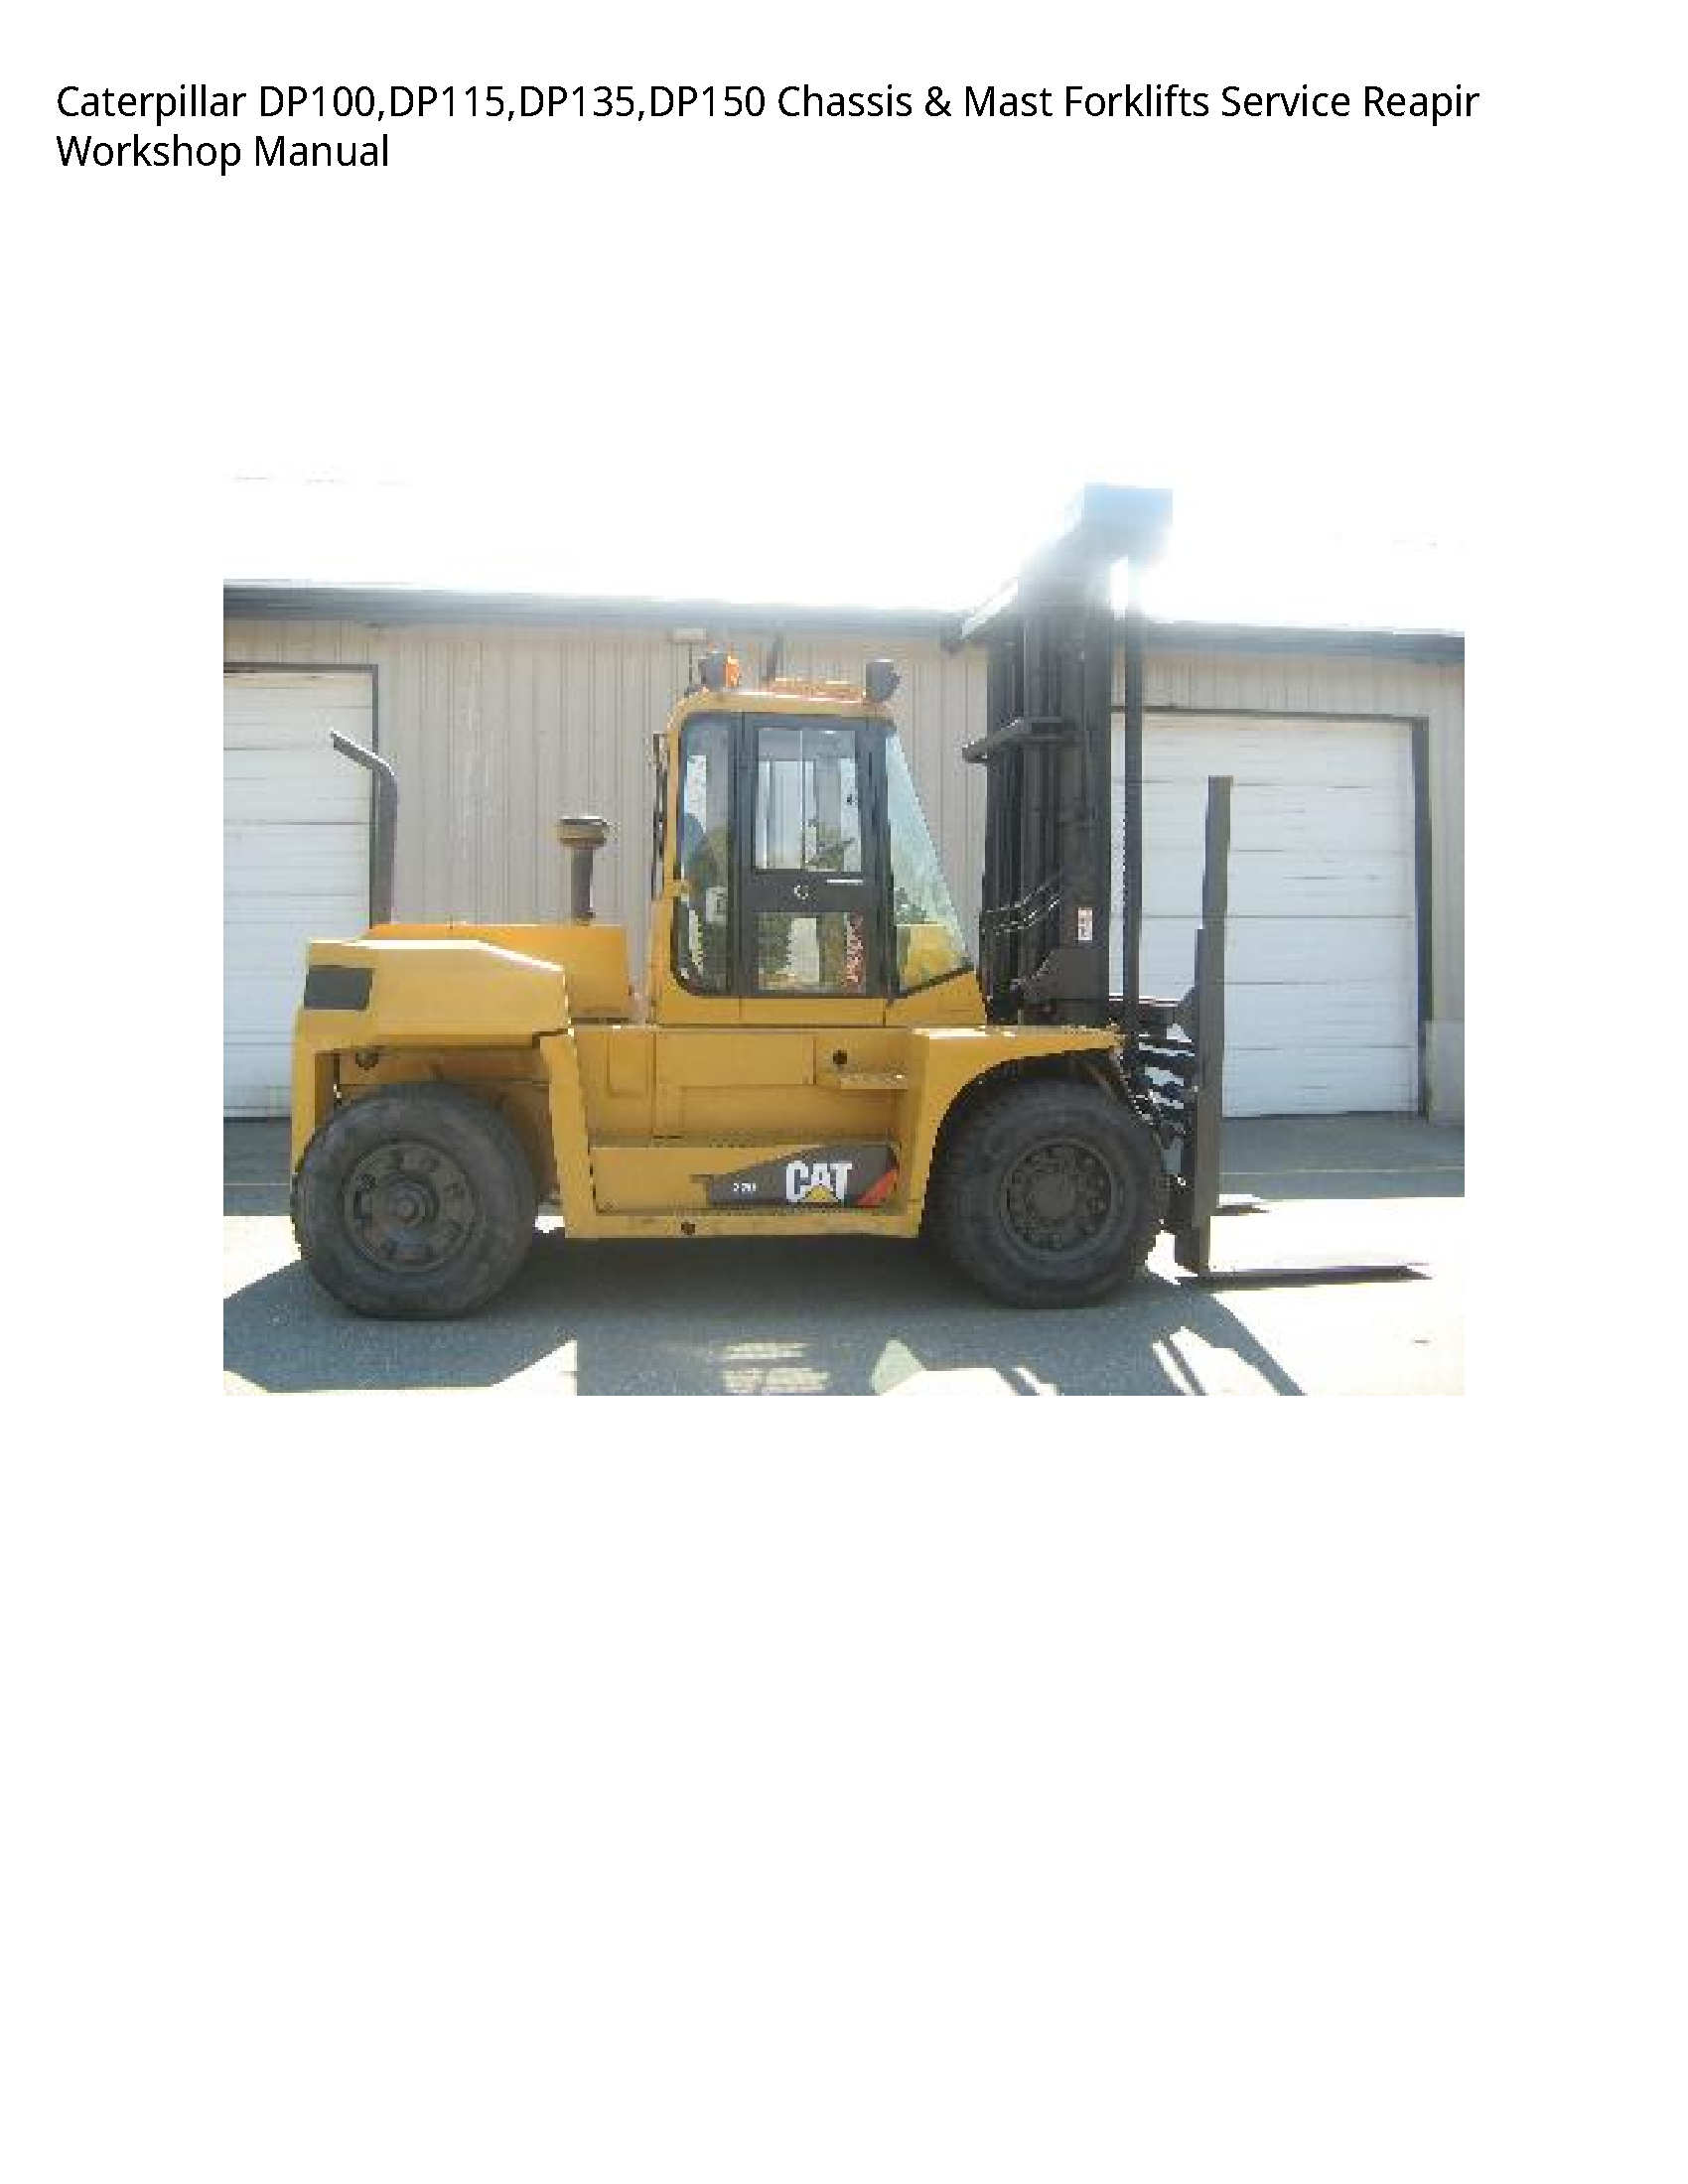 Caterpillar DP100 Forklifts  manual